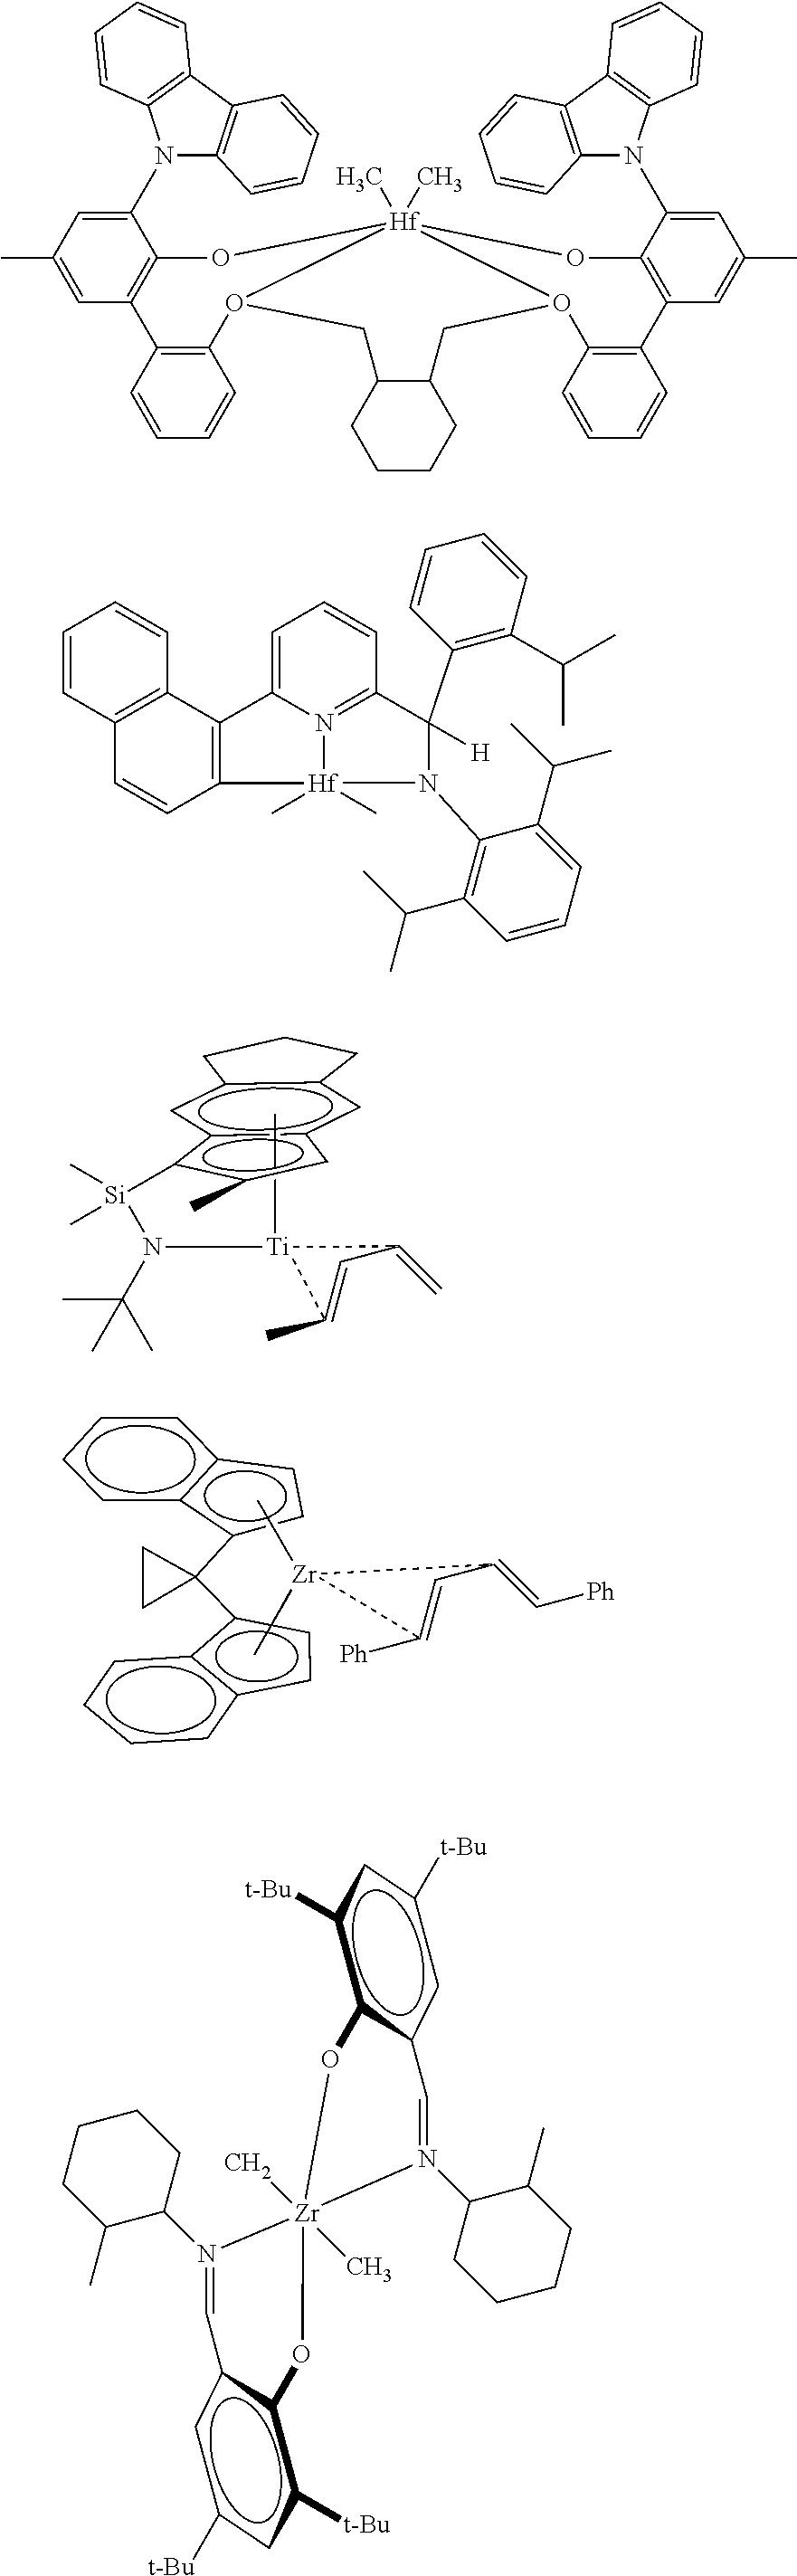 Figure US20120116034A1-20120510-C00010